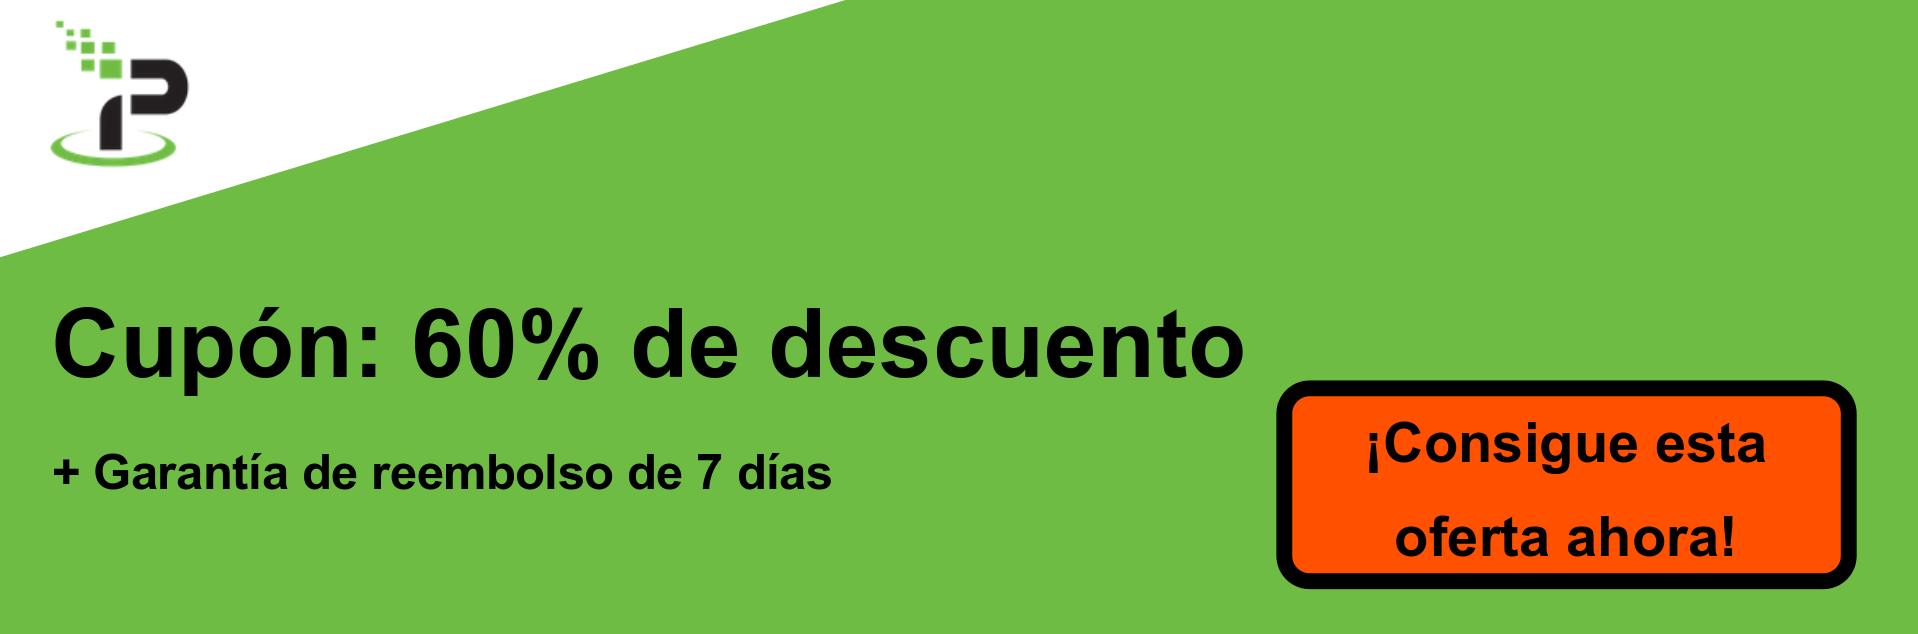 Banner de cupón IPVanish: 60% de descuento